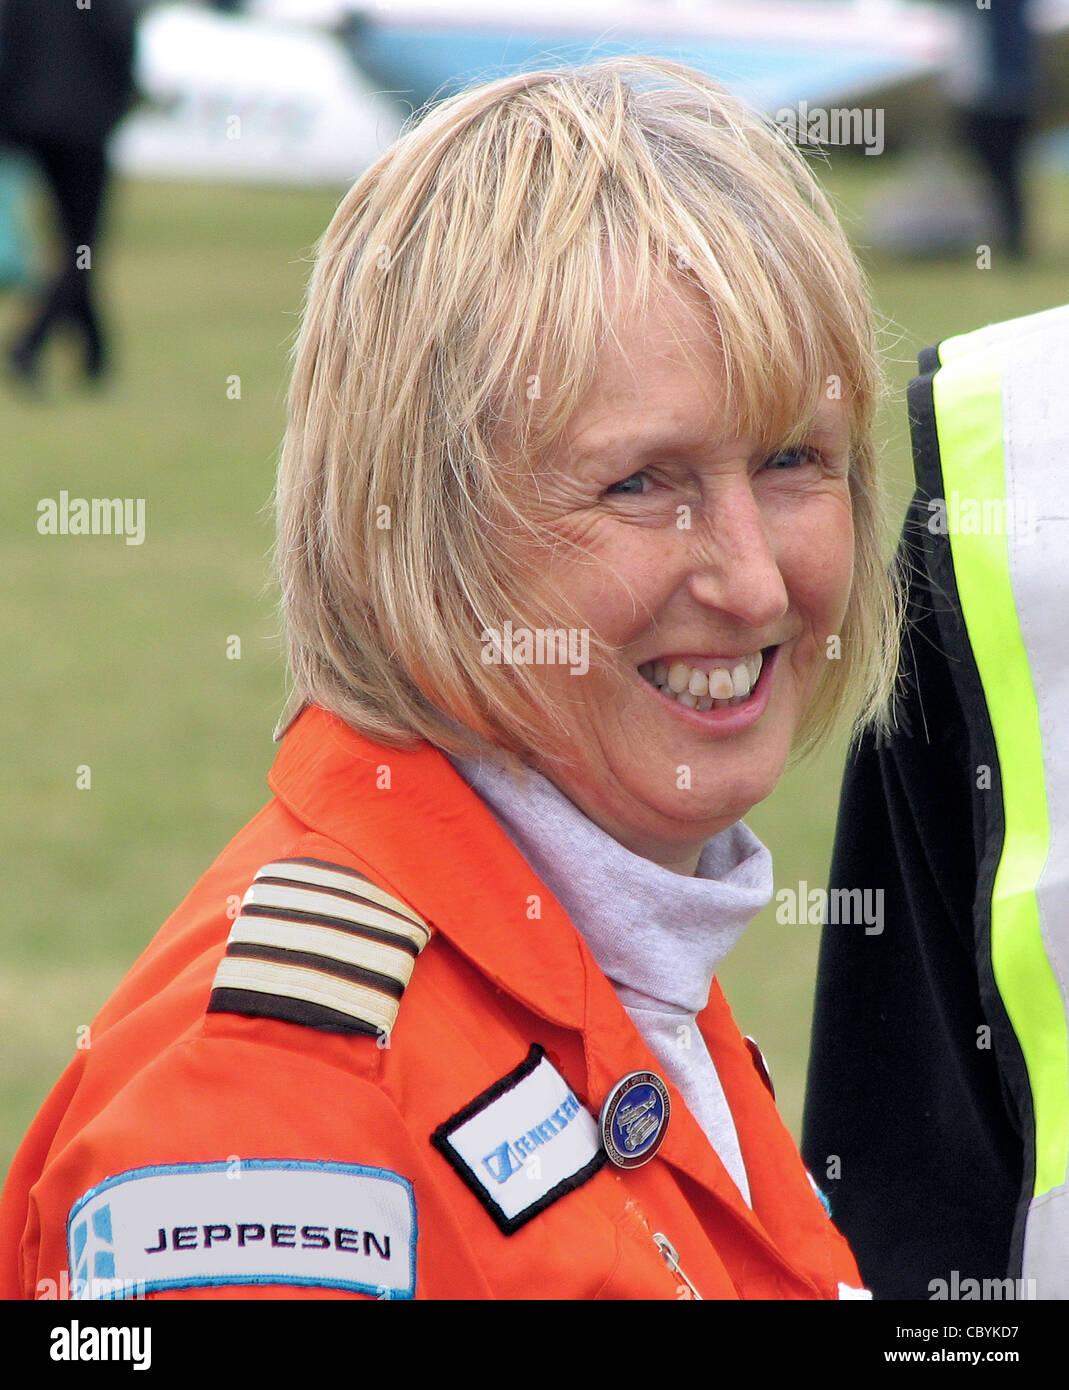 Polly Vacher en una asociación de vuelo Popular Rally en el aeropuerto de Kemble, Gloucestershire, Inglaterra. Imagen De Stock